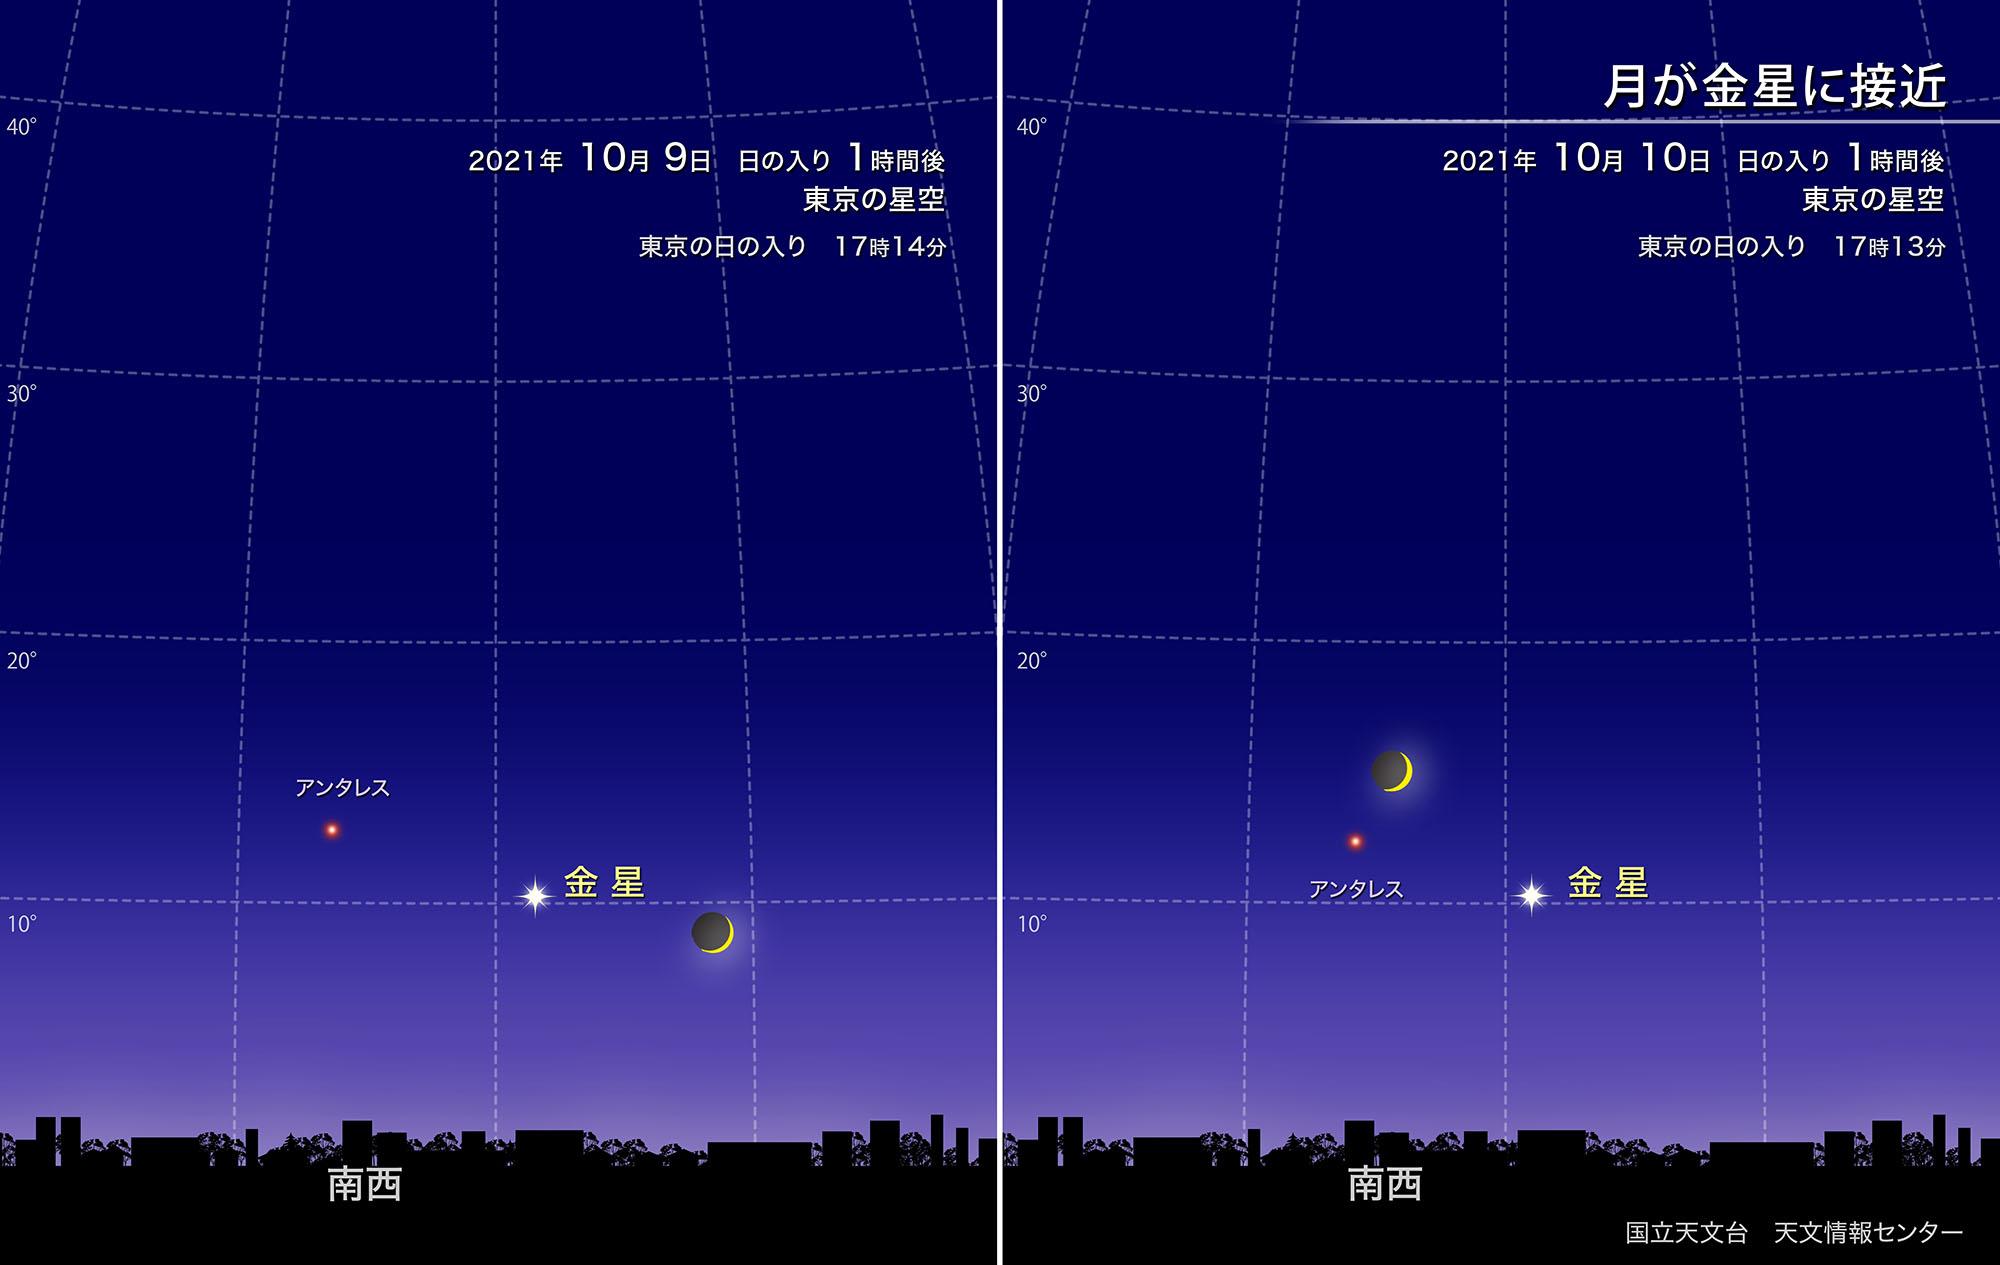 月が金星に接近(2021年10月) | 国立天文台(NAOJ)